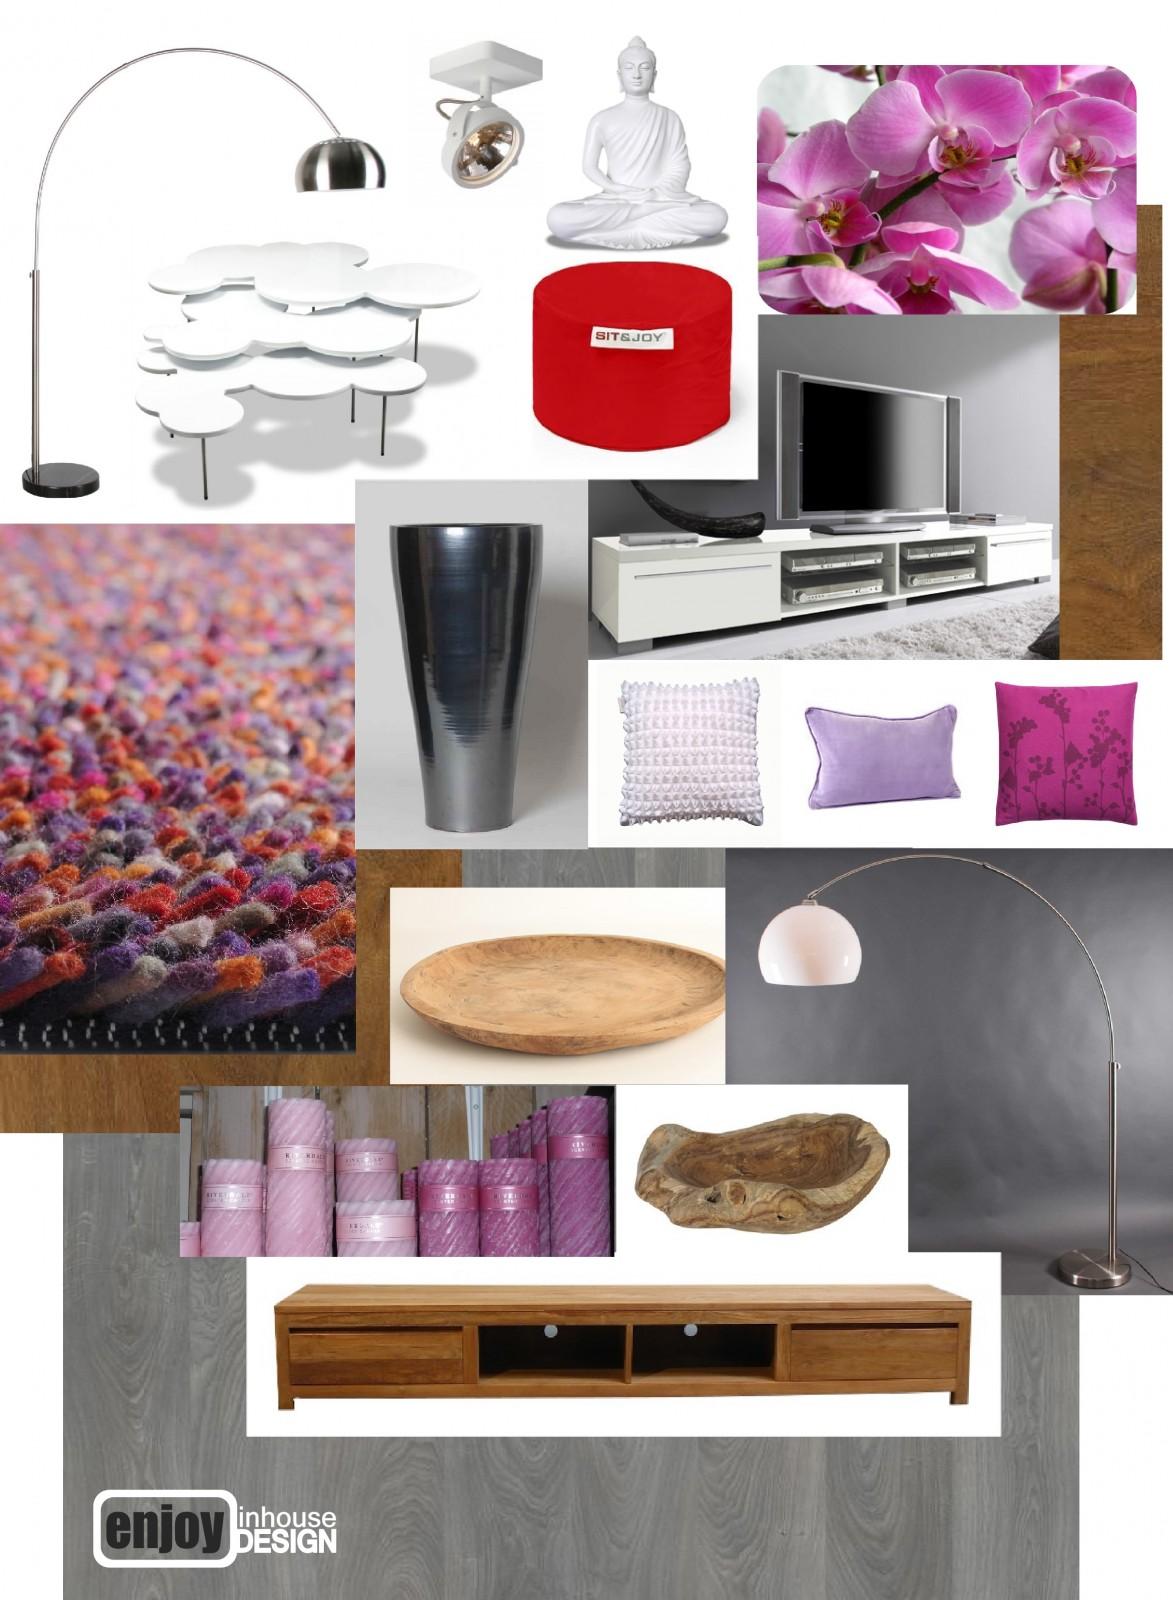 #BC0F1623647740  Design Re Styling Woonkamer Barendrecht Enjoy Inhouse Design Aanbevolen Design Meubelen Barendrecht 1359 afbeelding/foto 117316001359 beeld